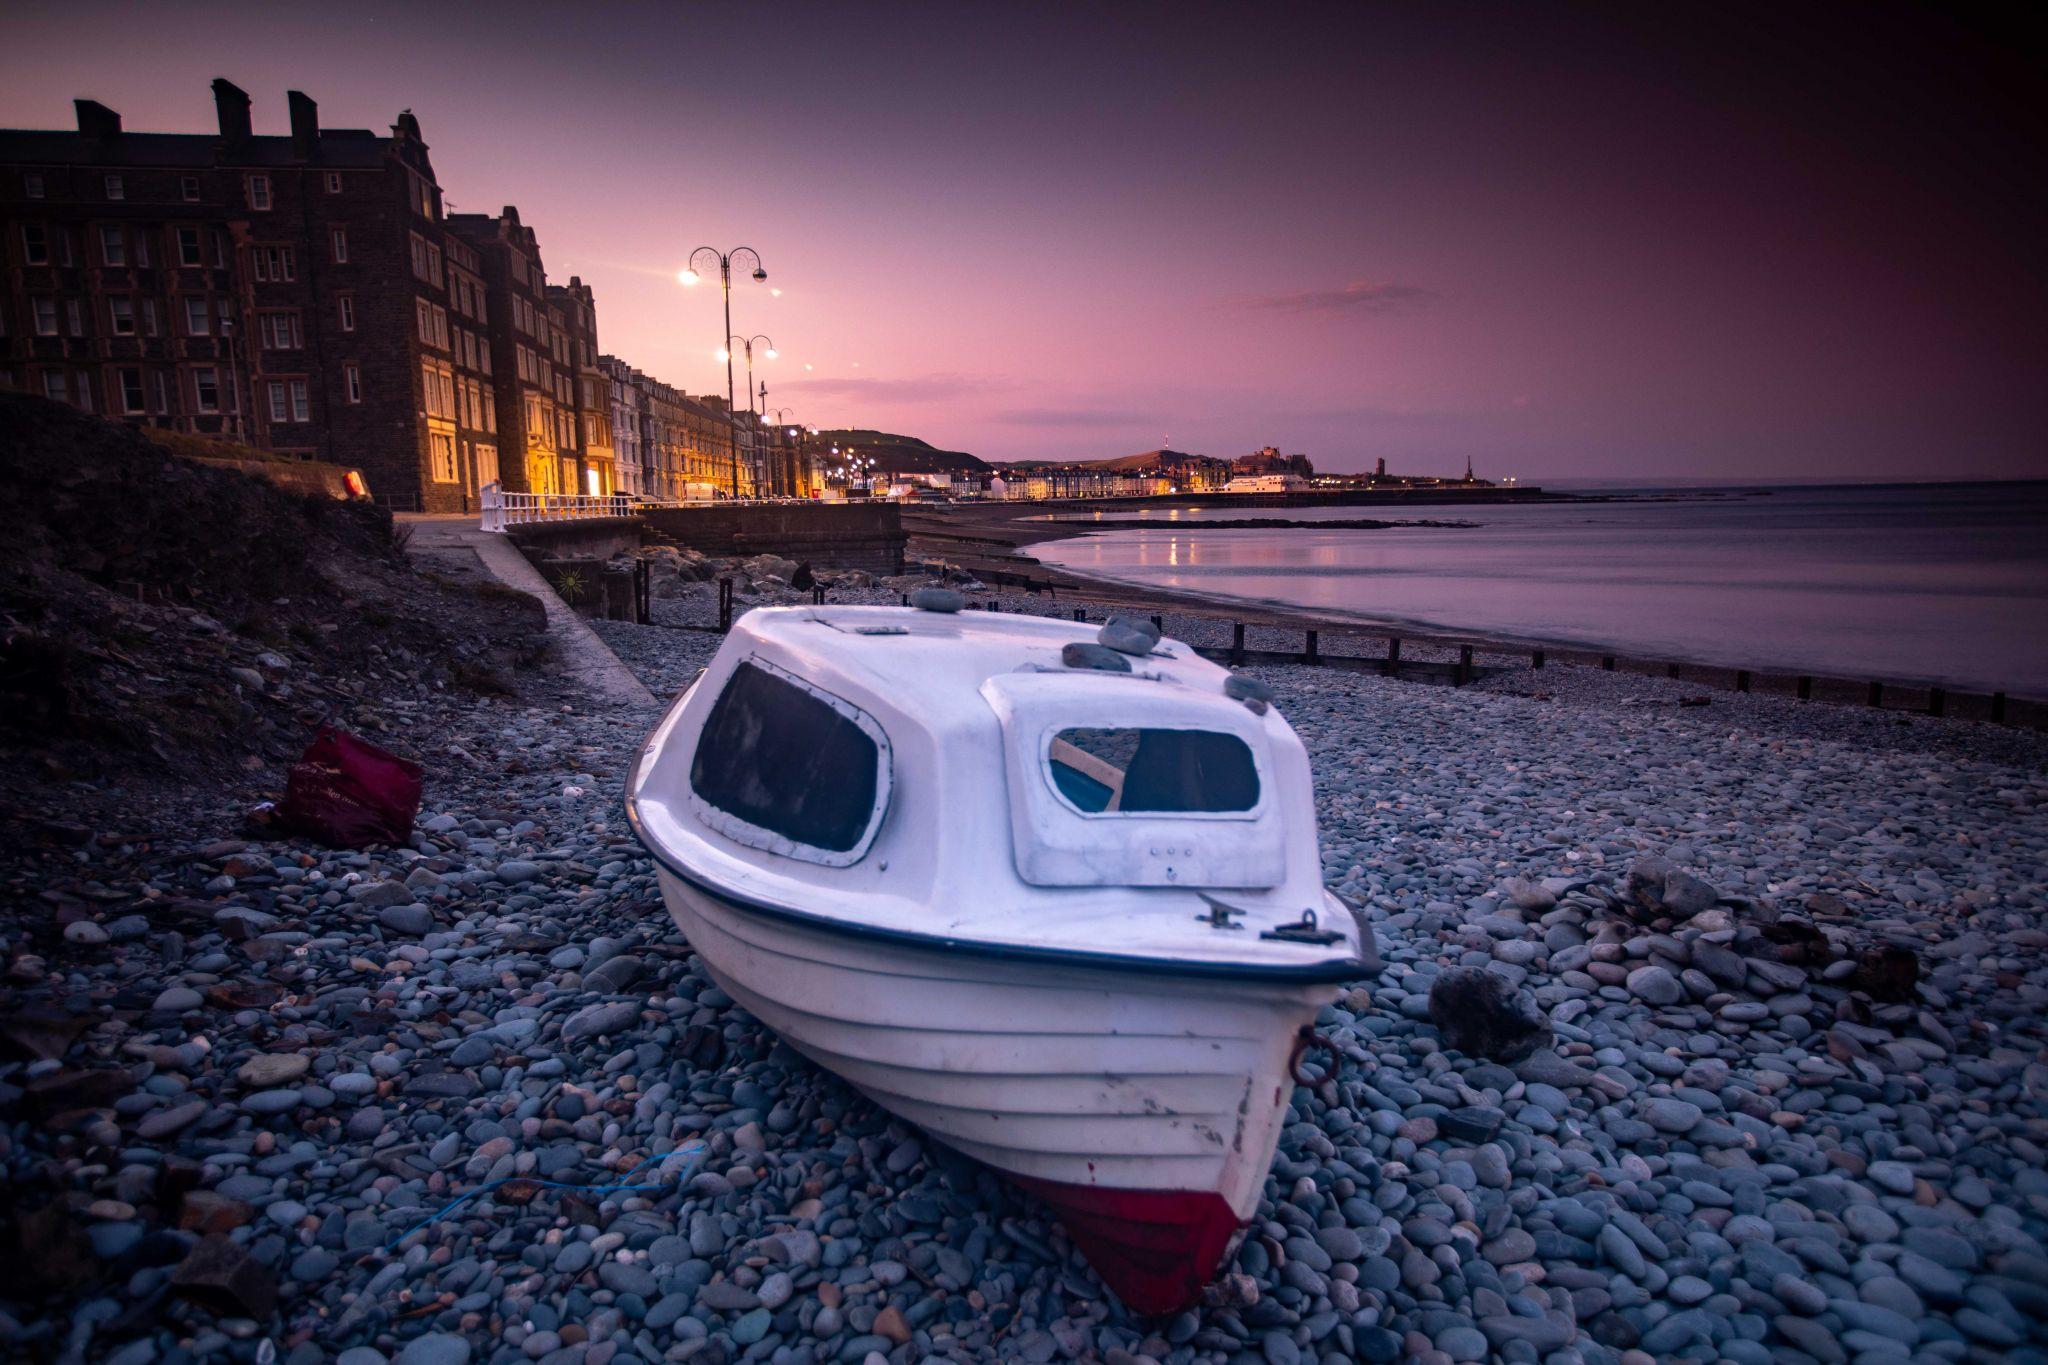 Aberystwyth Sunrise Boat on the beach Wales, United Kingdom